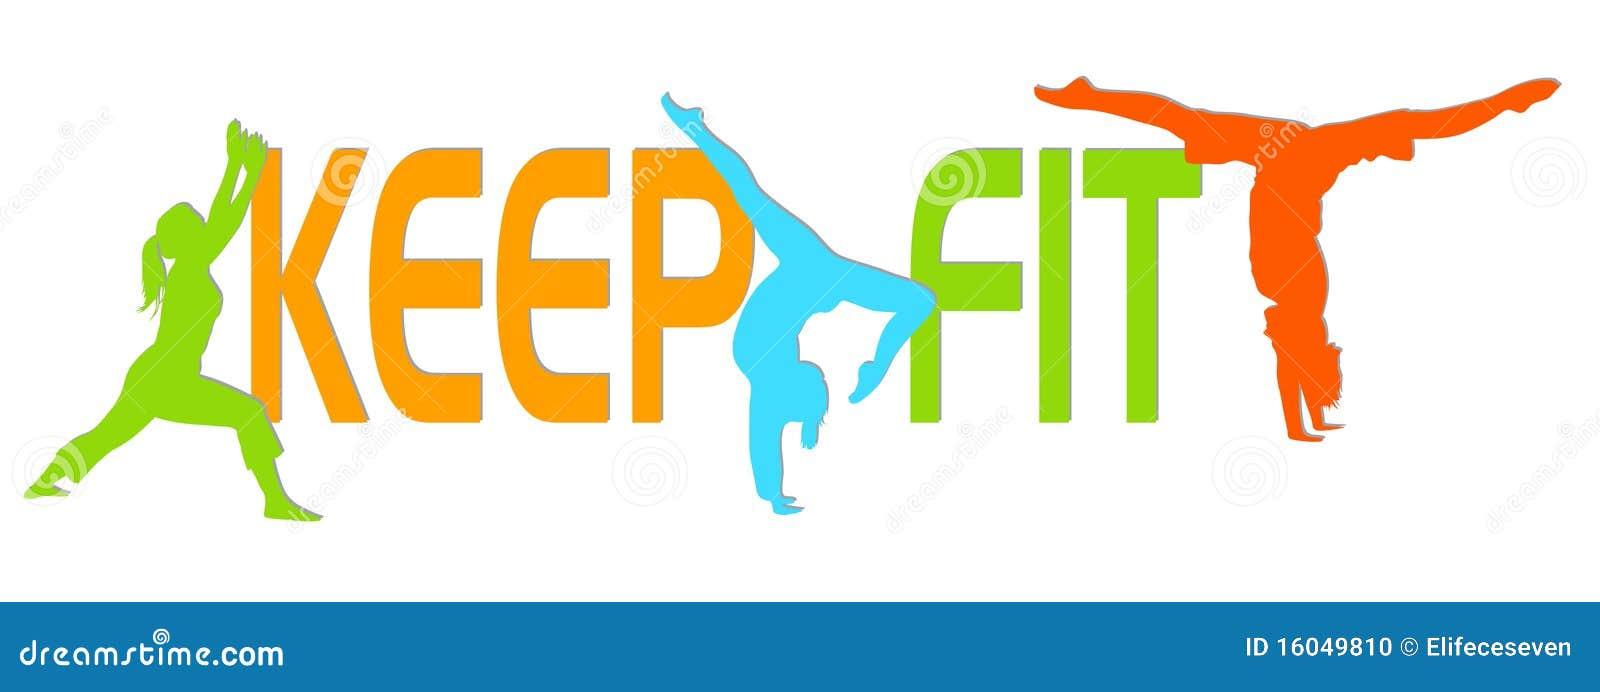 keeping fit Keep fit - traduction anglais-français forums pour discuter de keep fit, voir ses formes composées, des exemples et poser vos questions gratuit.